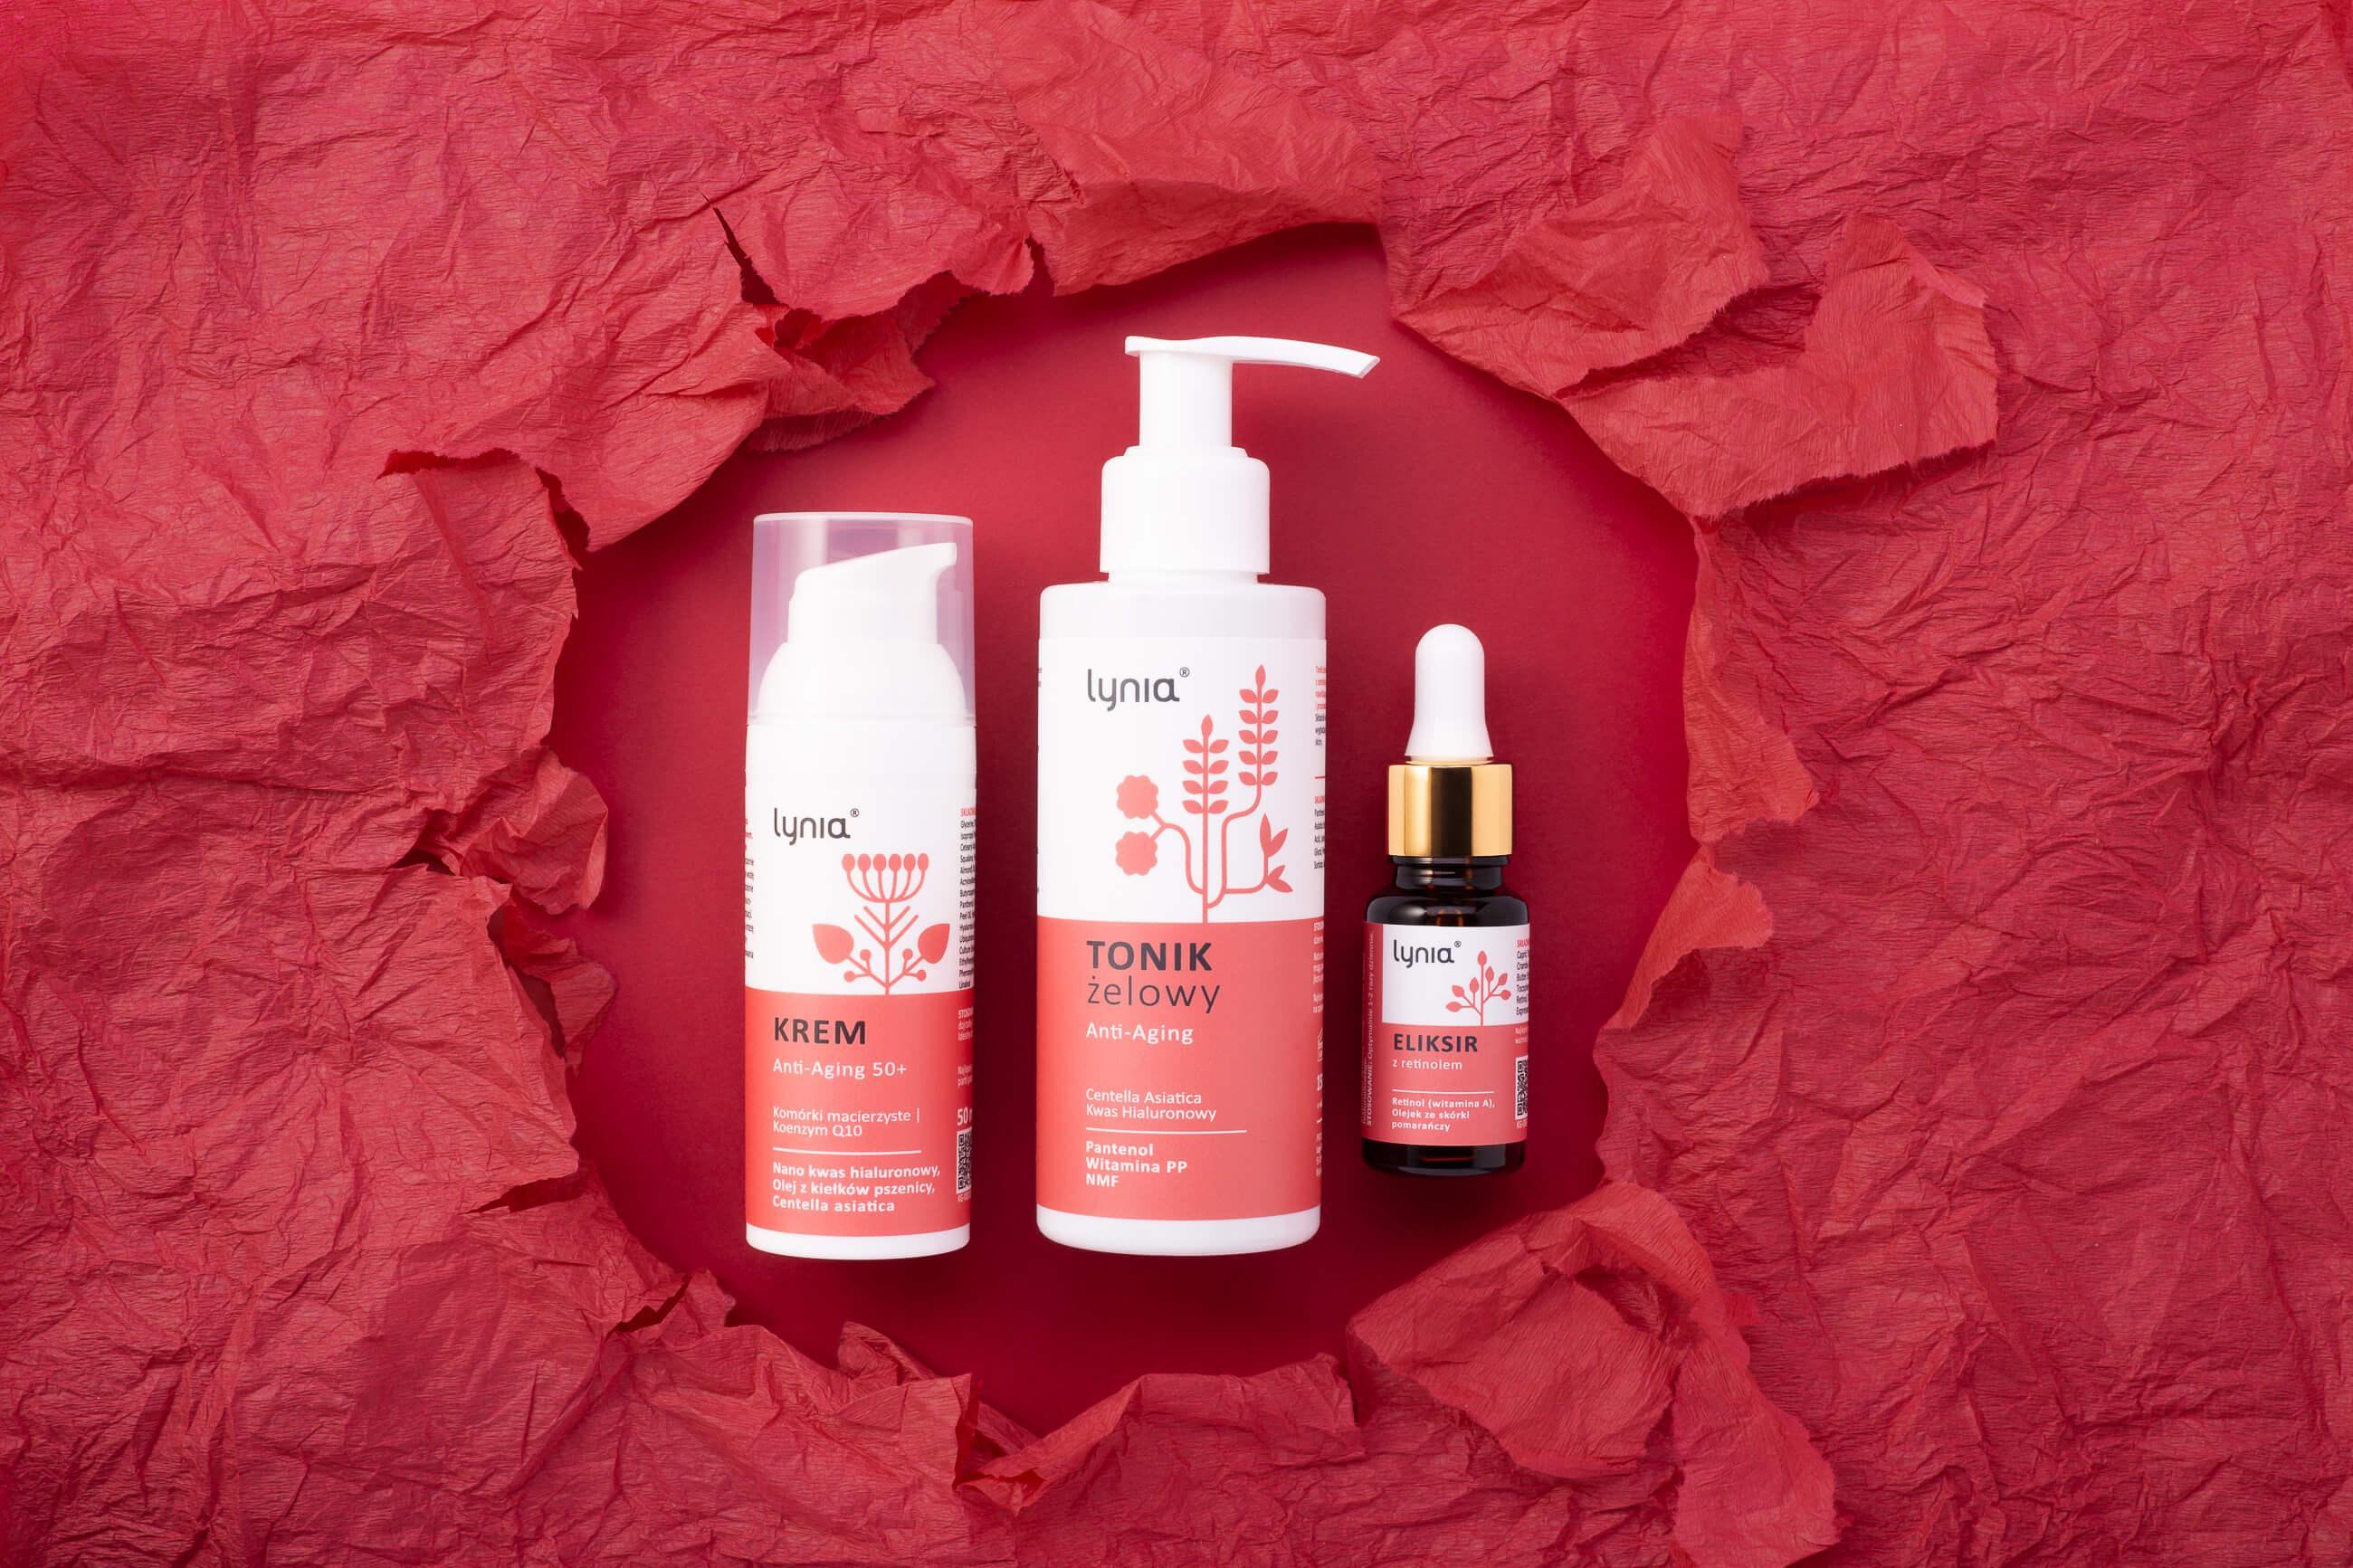 Zdjęcie kosmetyków w aranżacji